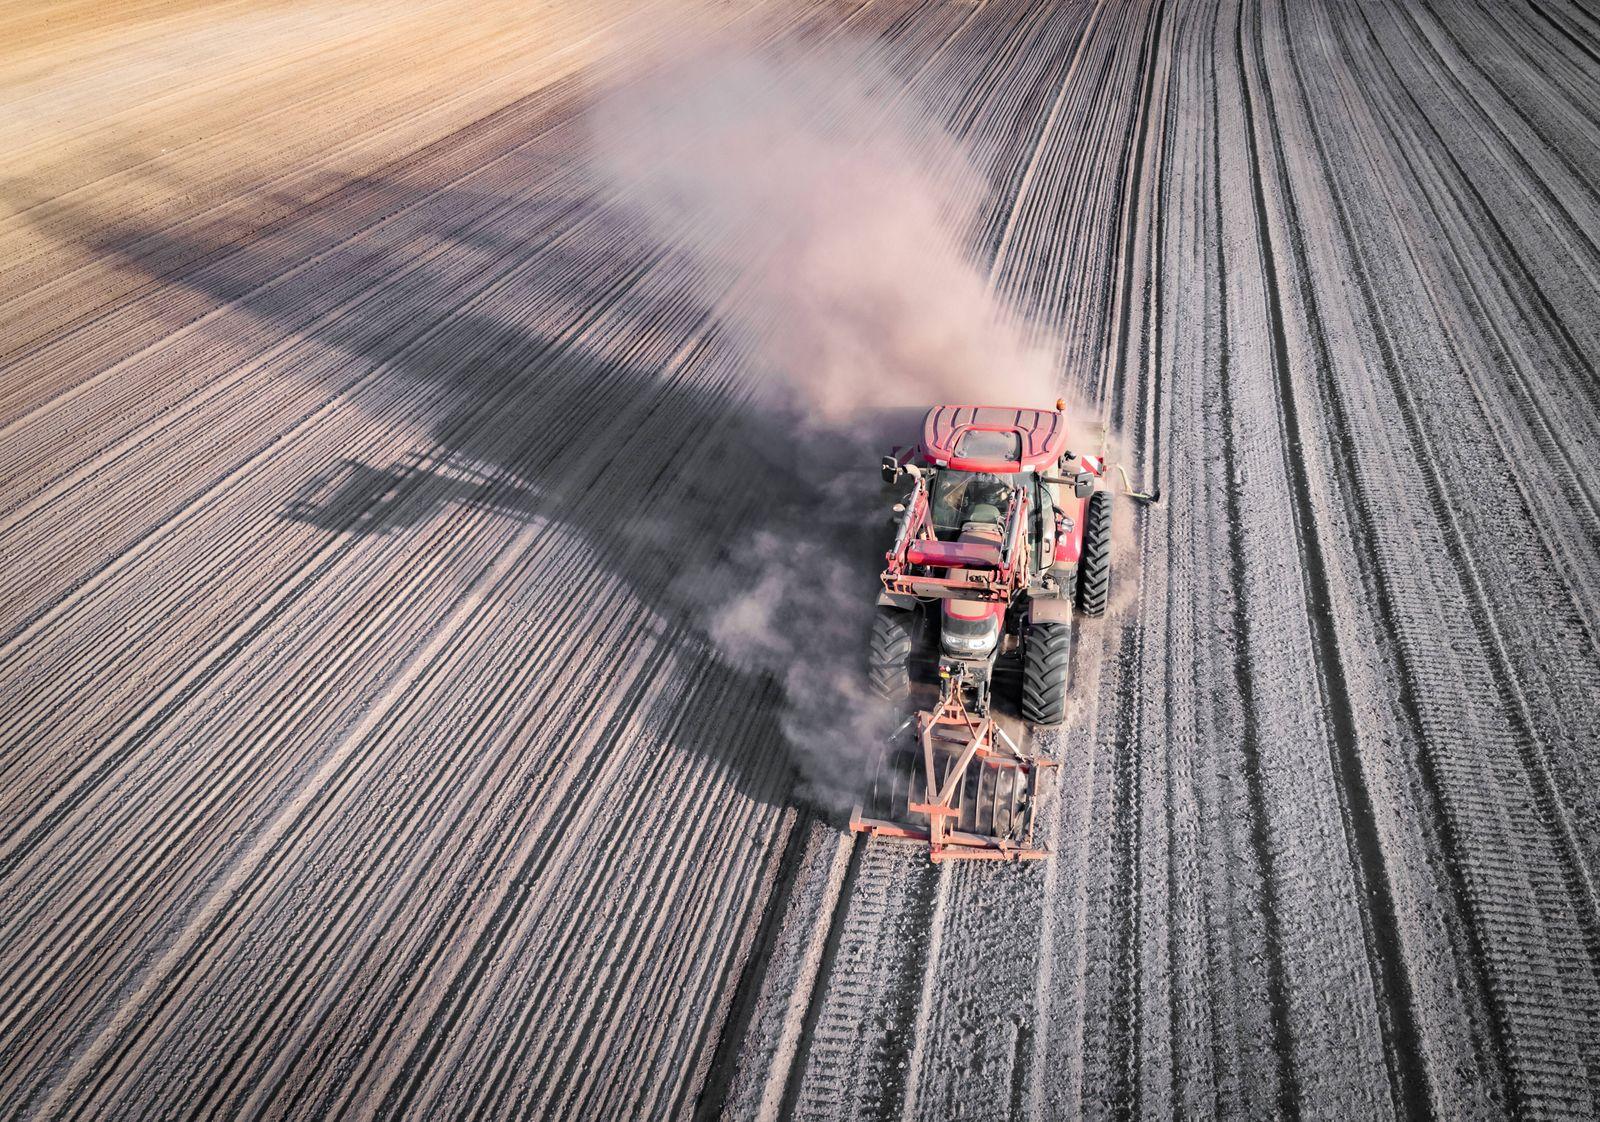 Trockenheit - Dürre. Herbstbestellung mit viel Staub, Luftaufnahme. Wegen langanhaltender Dürre staubt es auf dem knoche